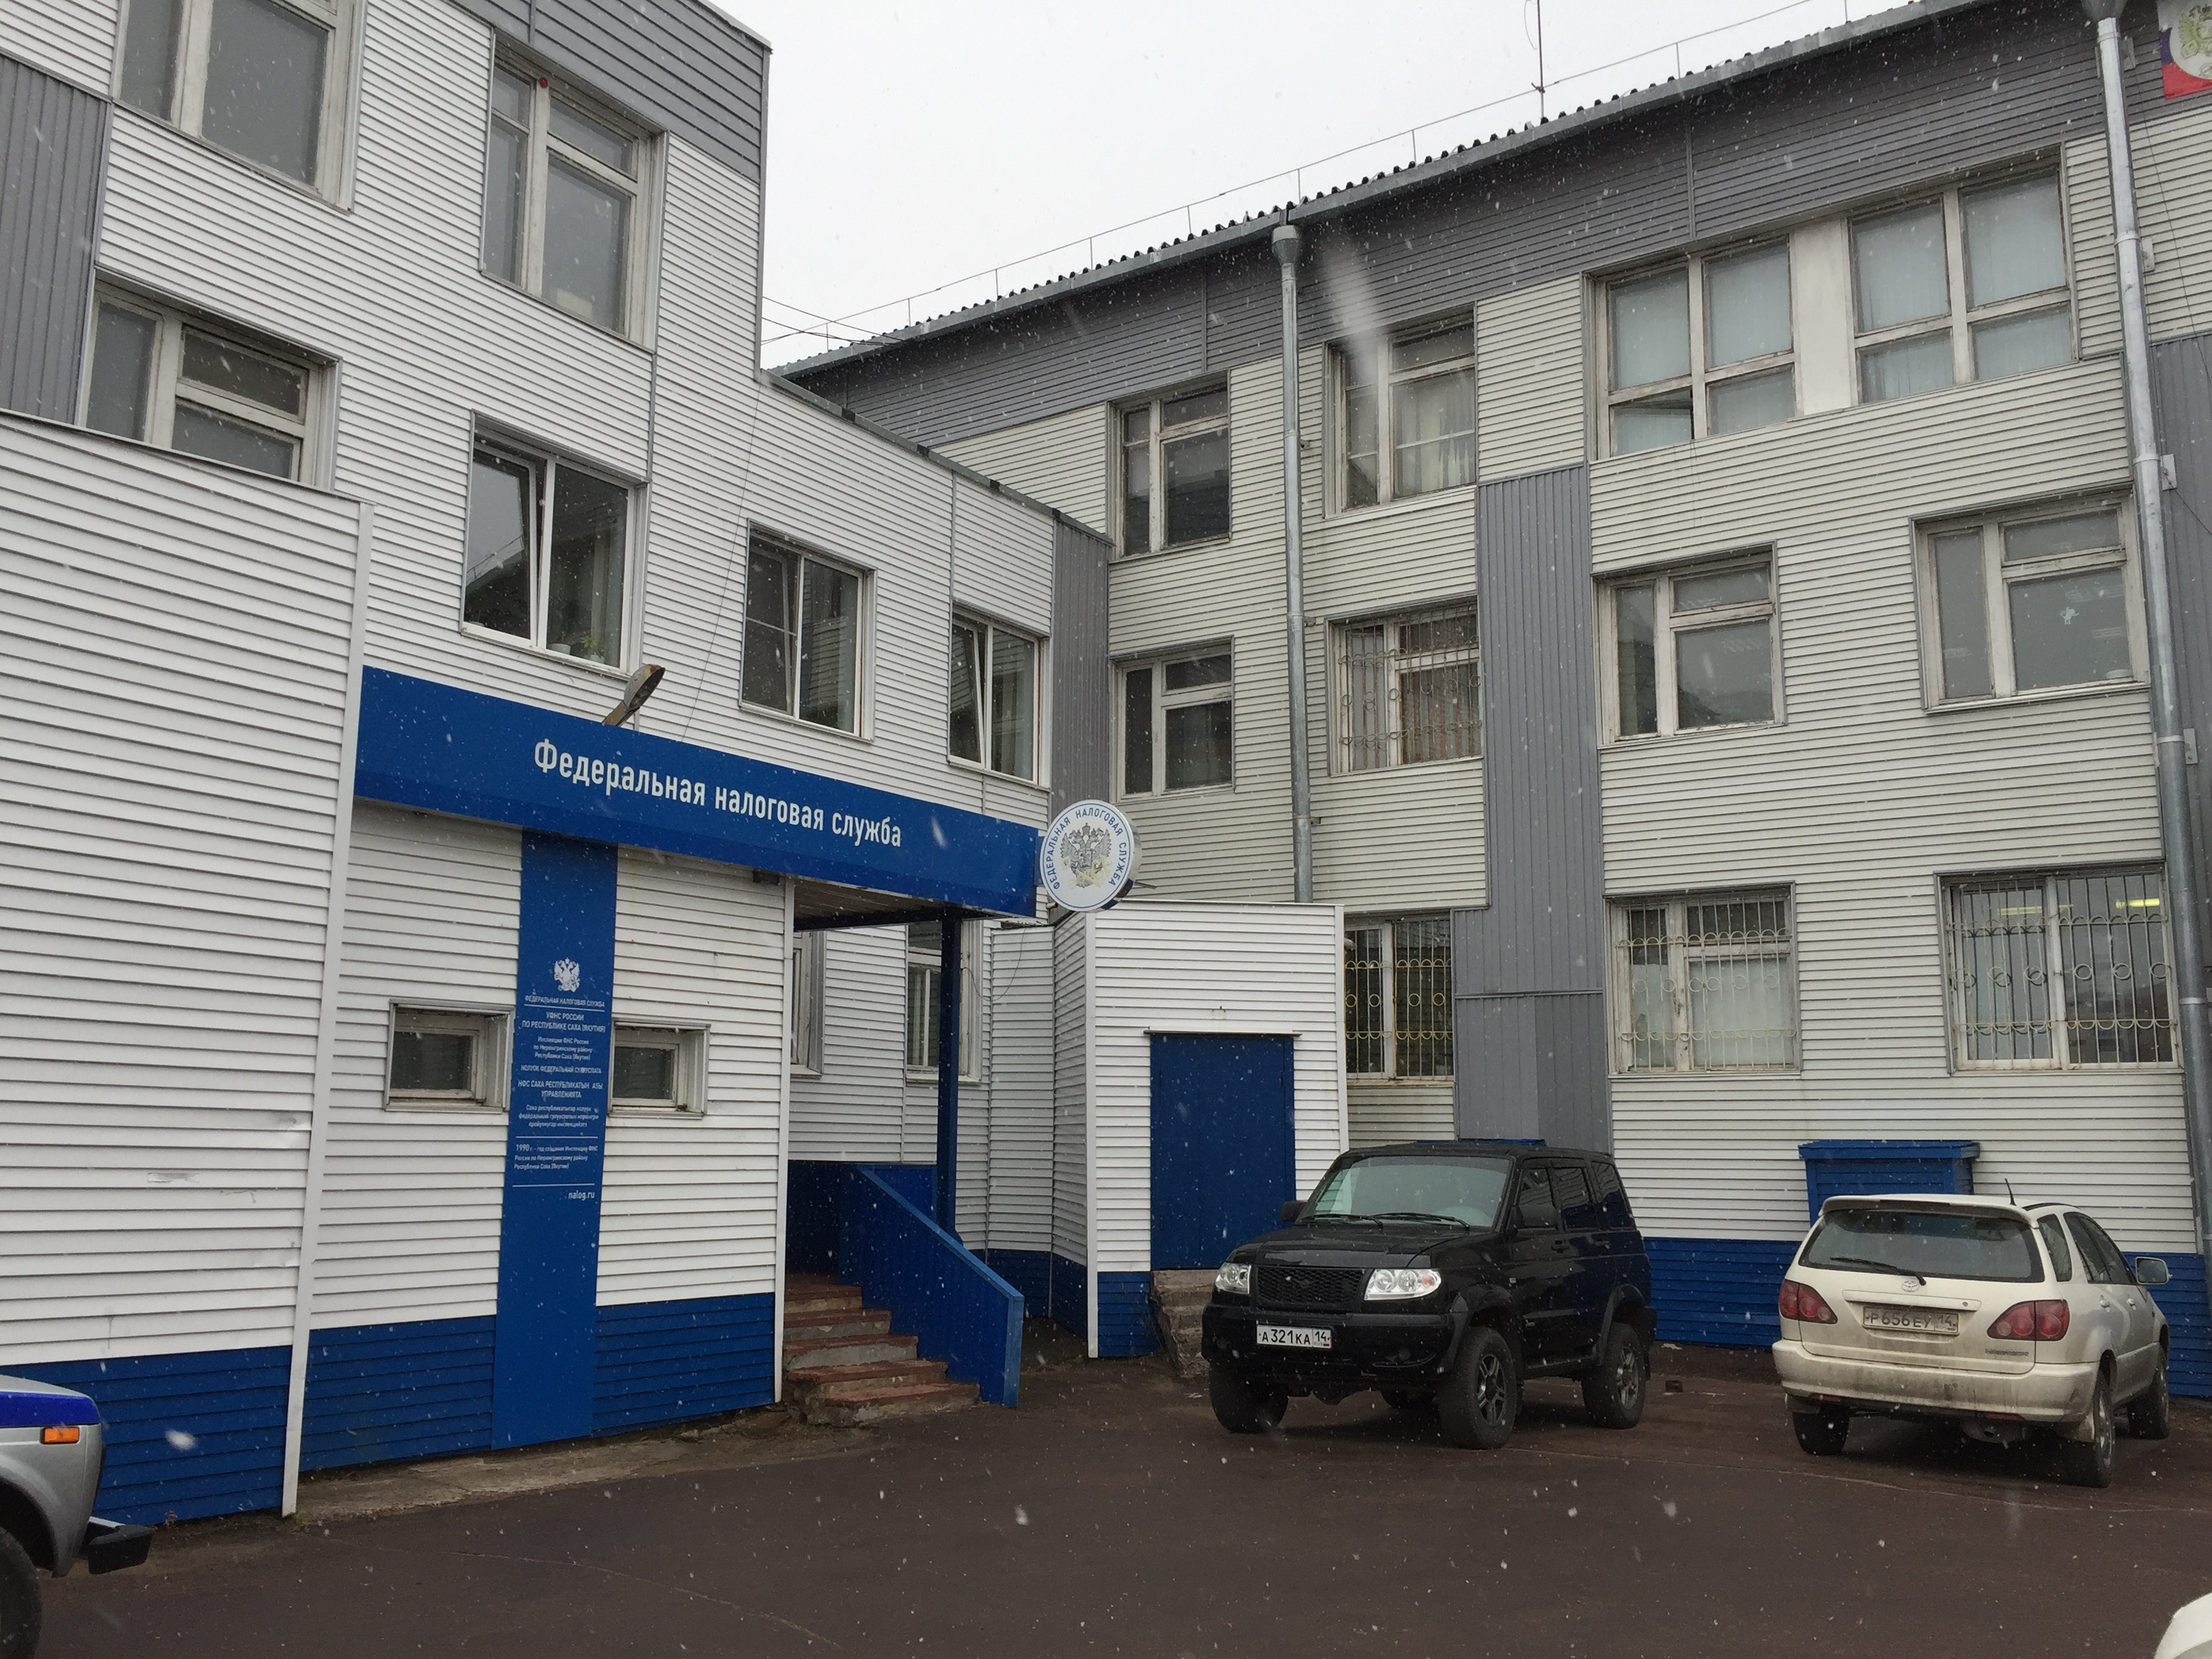 Инспекция ФНС России по Нерюнгринскому району Республики Саха  Способ проезда